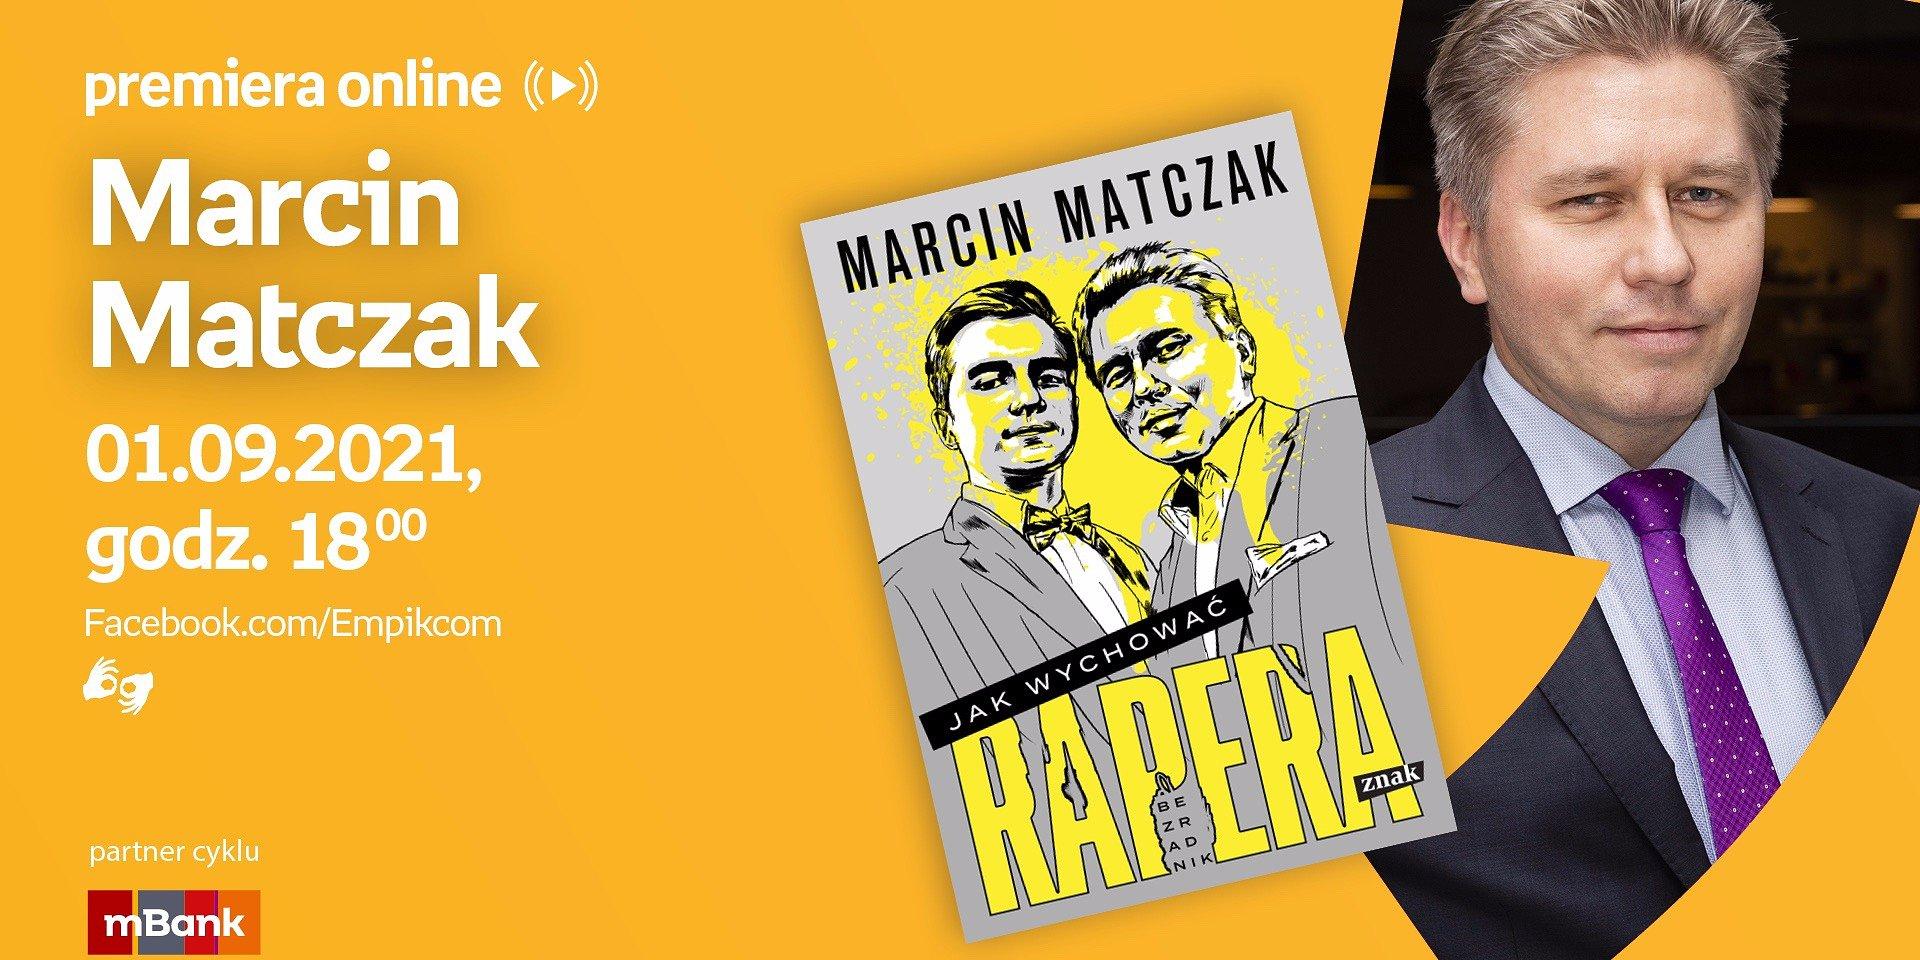 Marcin Matczak, Bass Astral x Igo i Natalia Hatalska na spotkaniach autorskich online